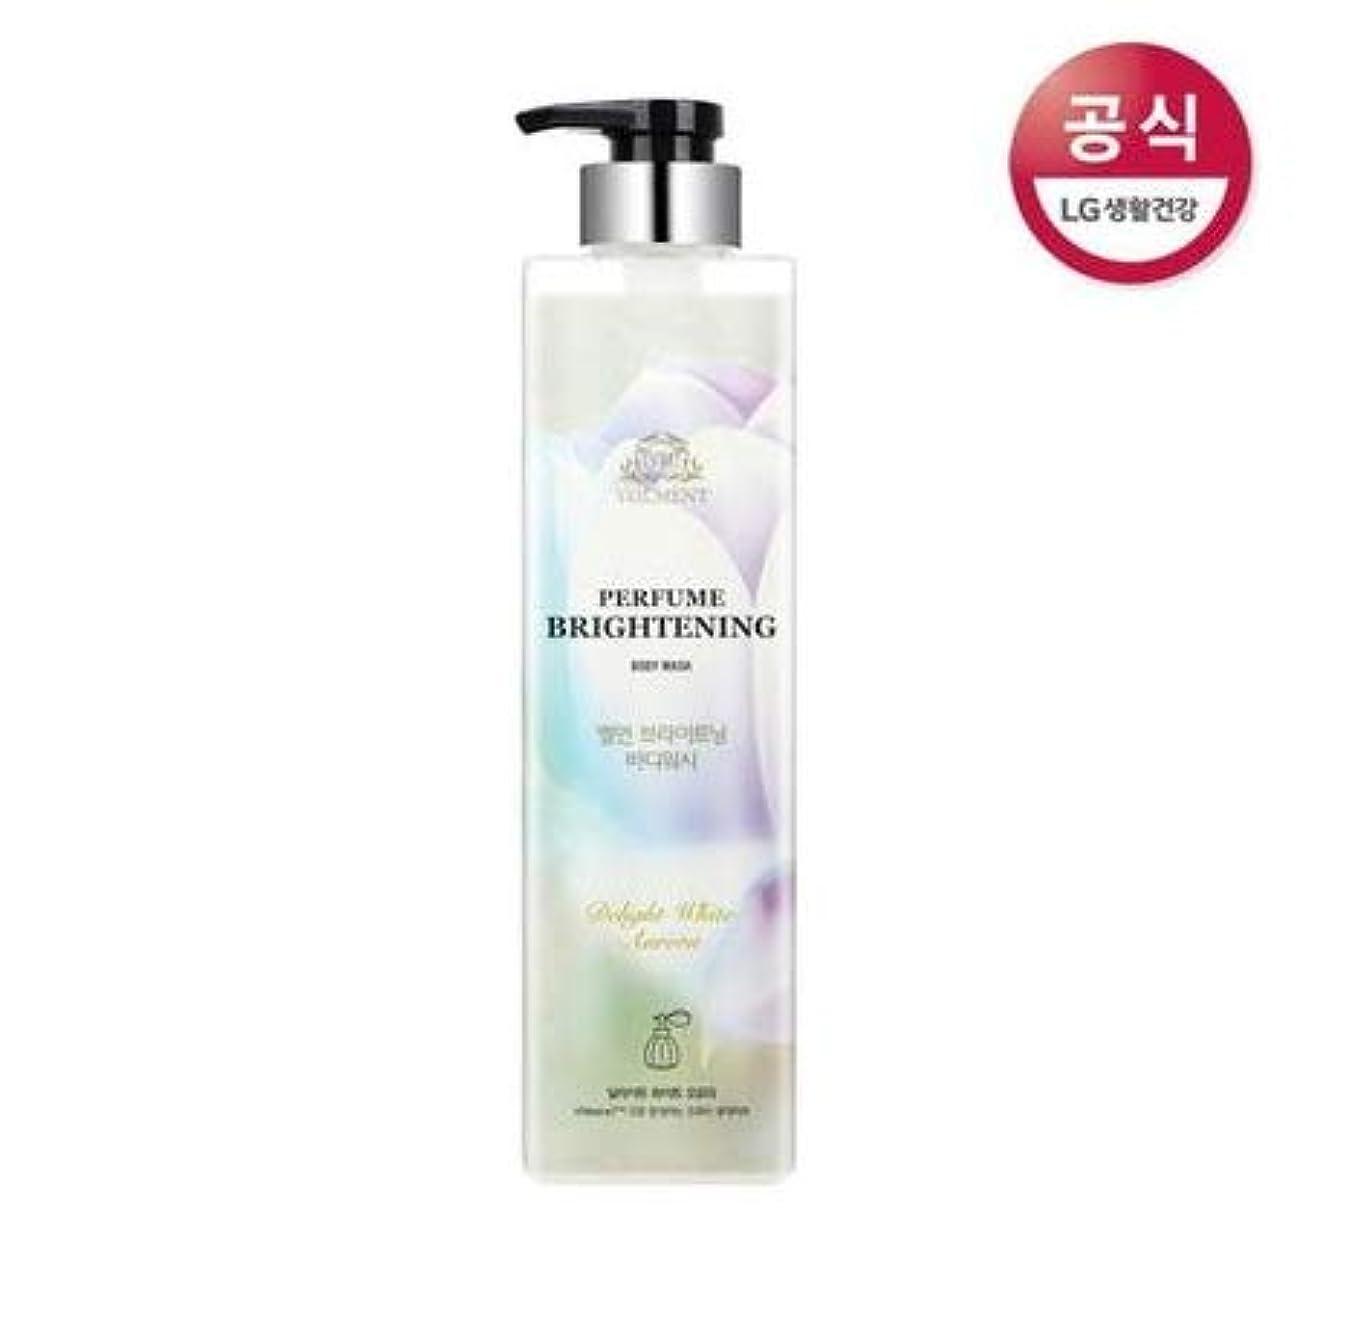 交渉する瞬時に売る[LG HnB] On the Body Belman Perfume Brightening Body Wash / オンザボディベルモンパフュームブライトニングボディウォッシュ680mlx1個(海外直送品)